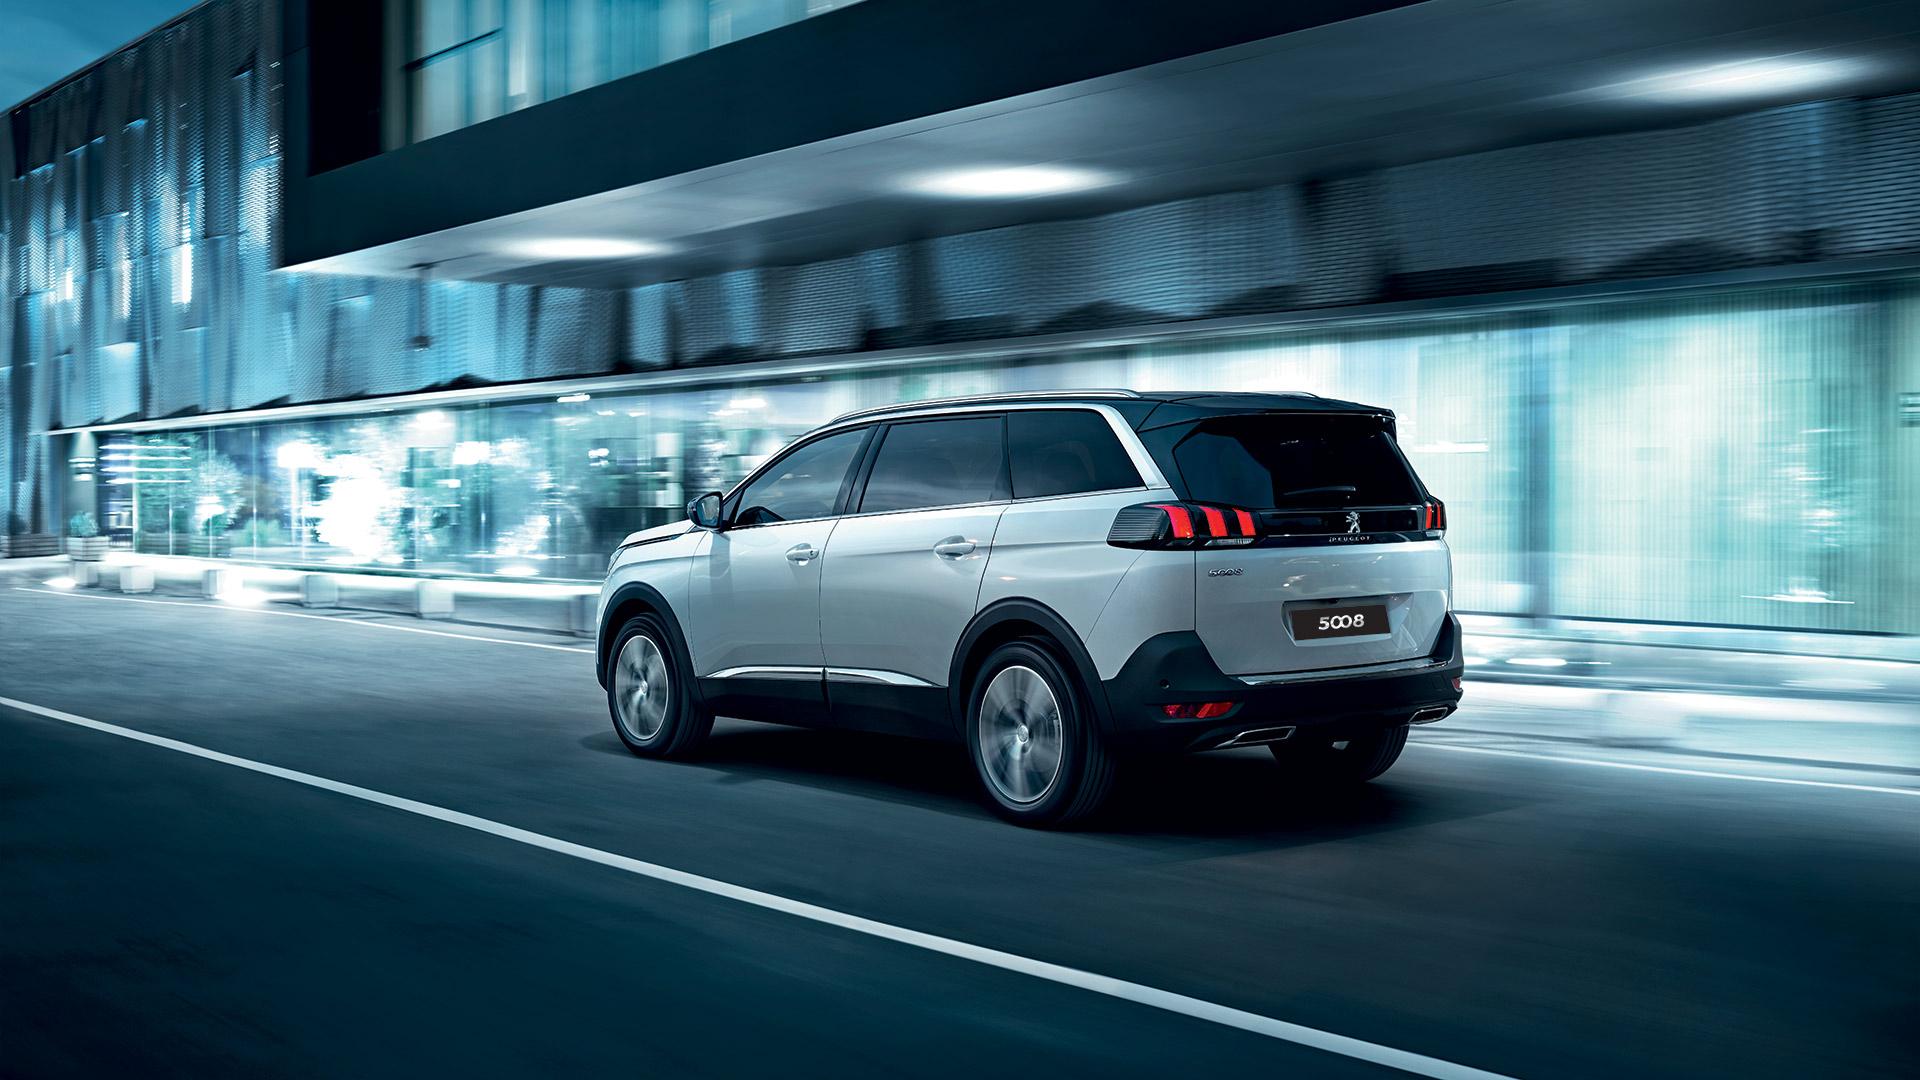 """Peugeot 5008 - Đối thủ """"nặng ký"""" trong phân khúc SUV 7 chỗ peugeot-5008-04.jpg"""